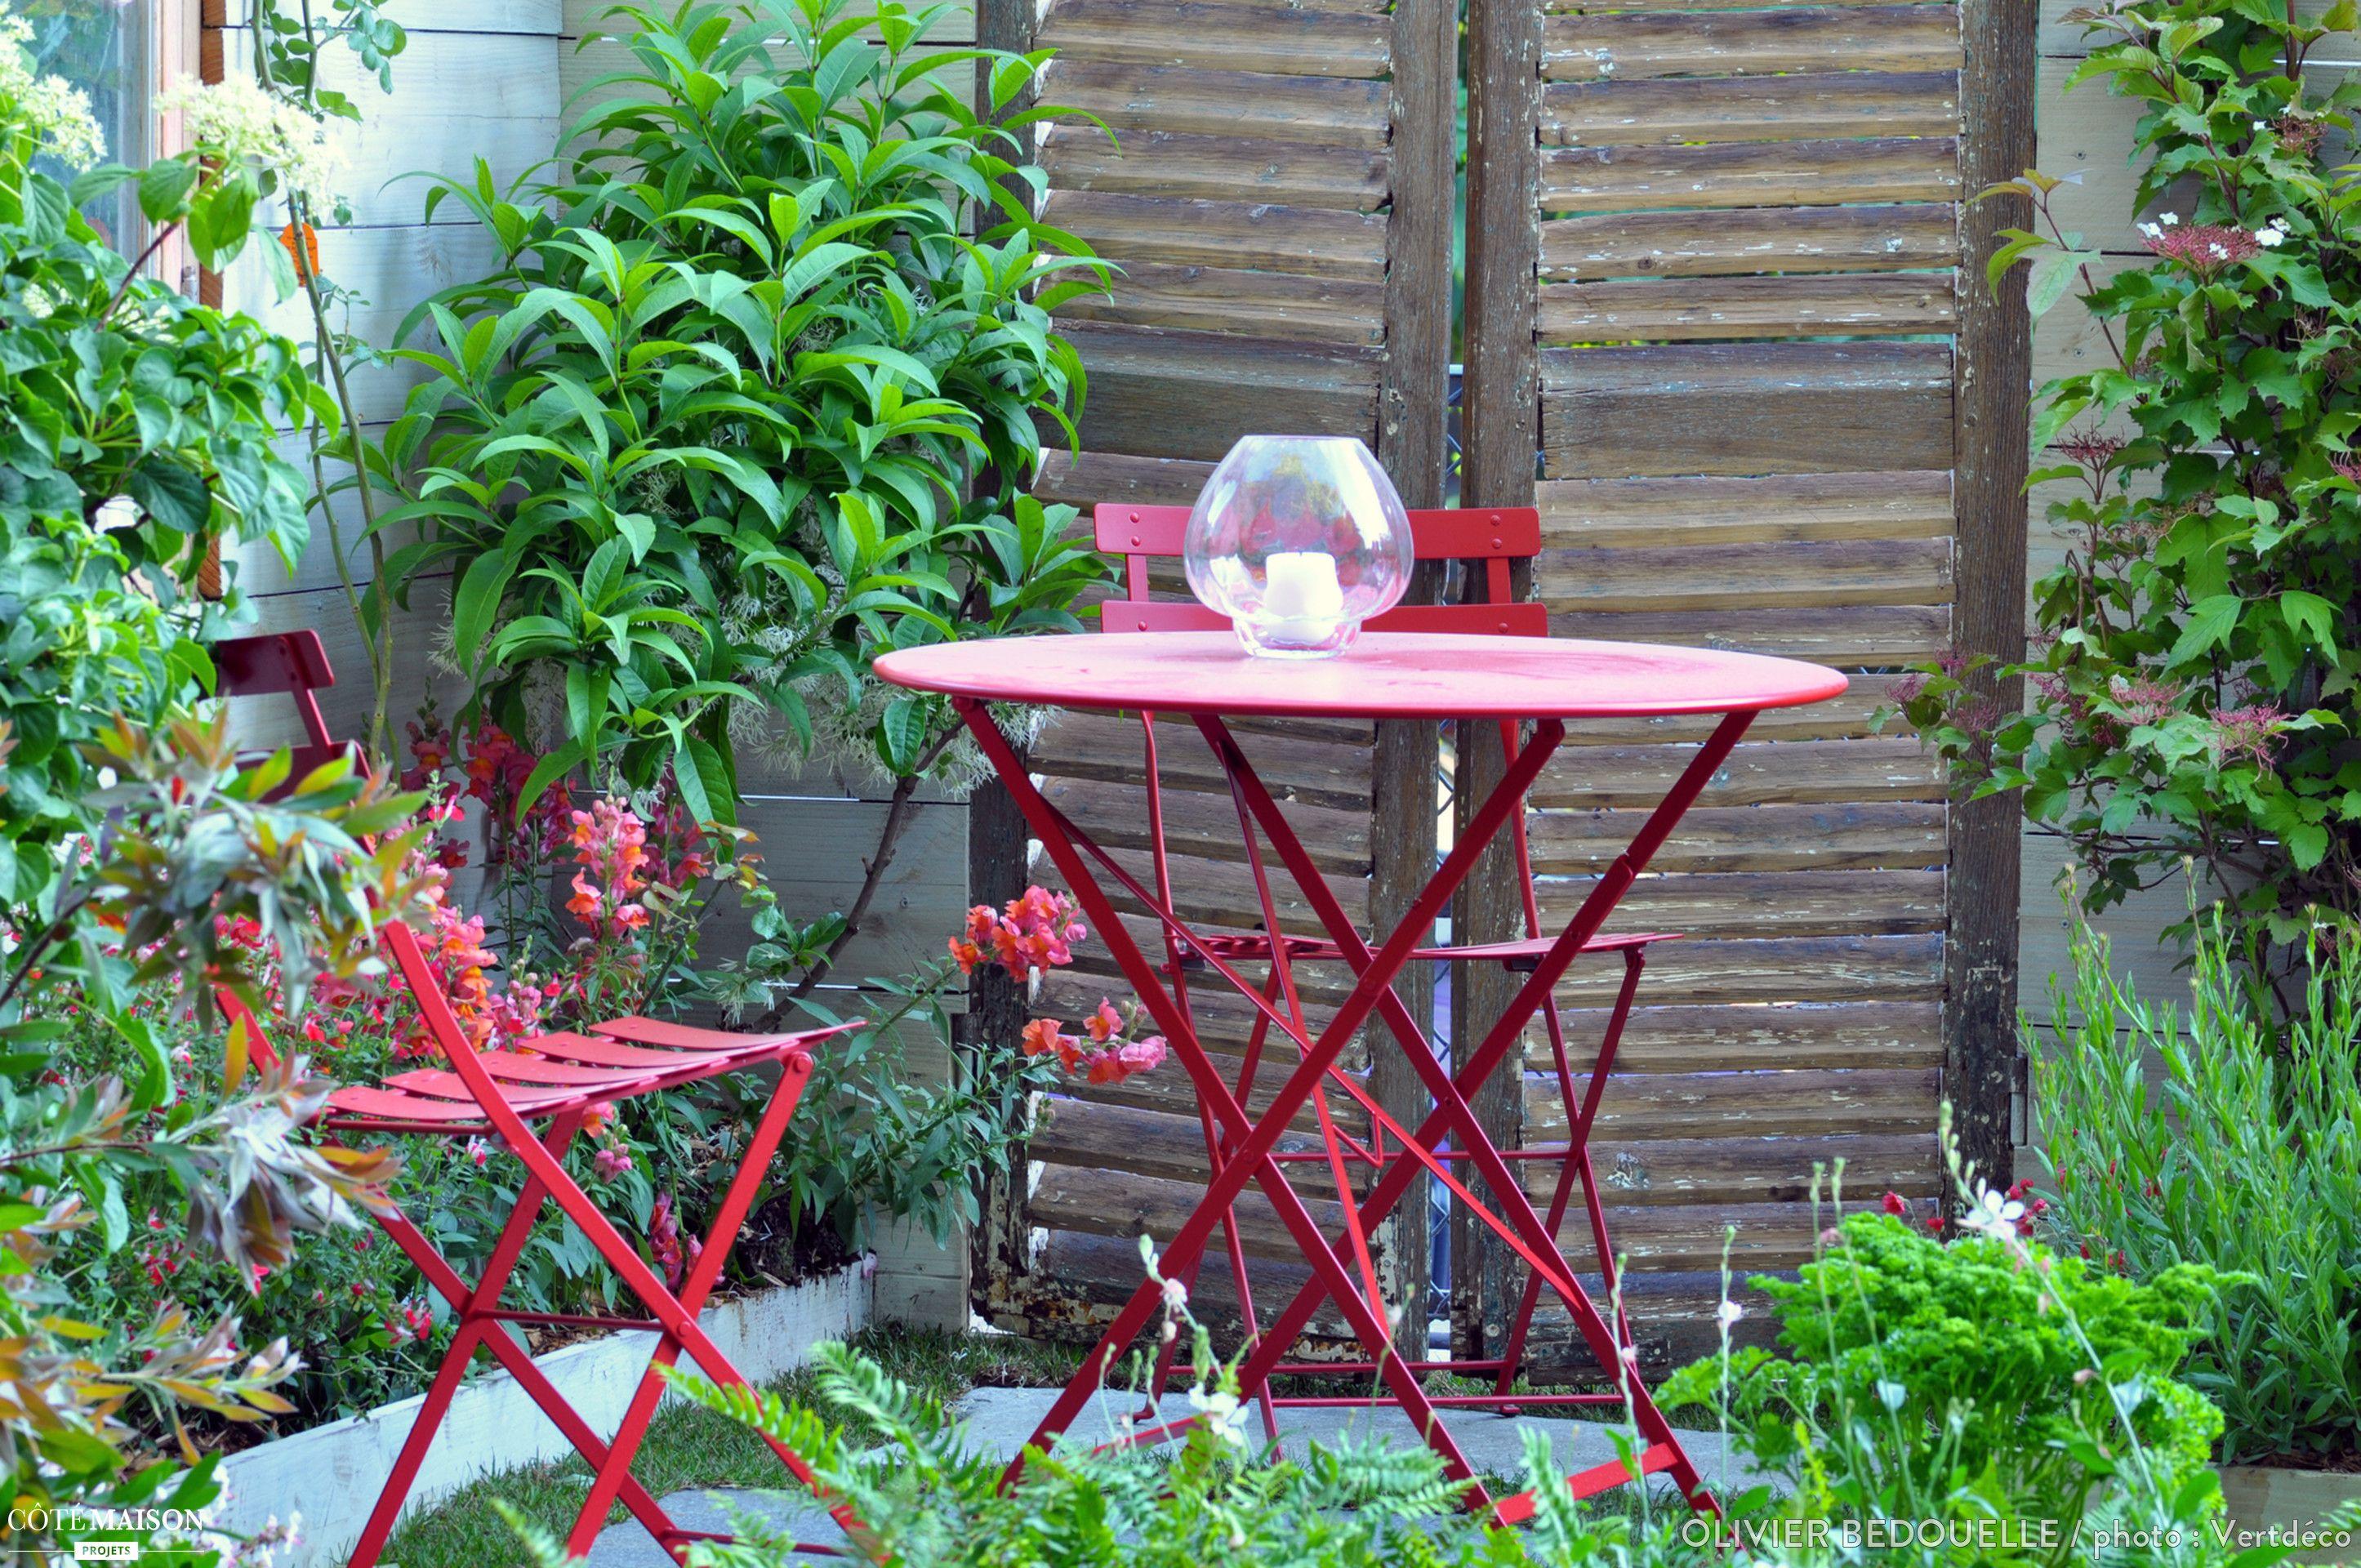 Amenagement D 039 Un Petit Jardin Olivier Bedouelle Cote Maison Petits Jardins Jardins Mobilier Jardin